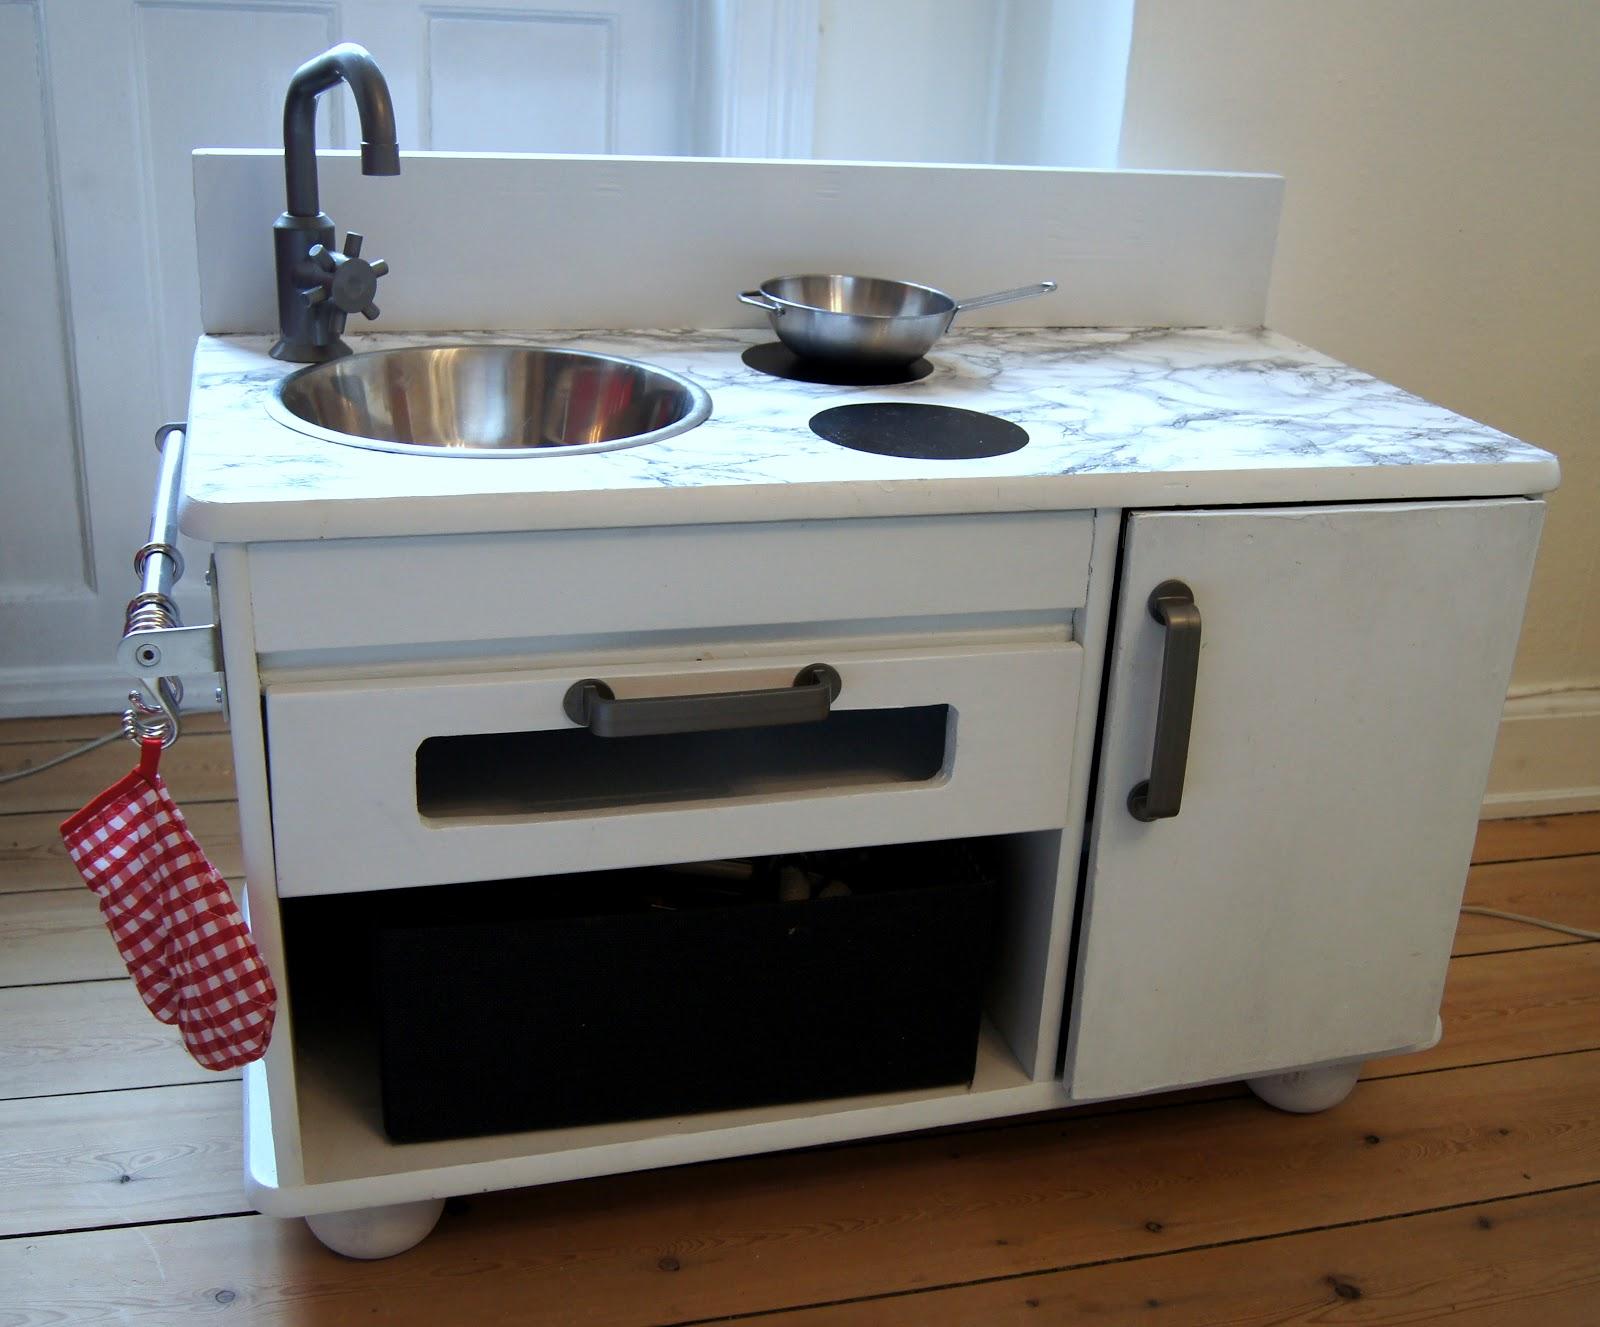 #653D25 Anbefalede Frk Fløjgaard: Gør Det Selv Køkken I Miniudgave Gør Det Selv Leksikon Brugt 5677 160013275677